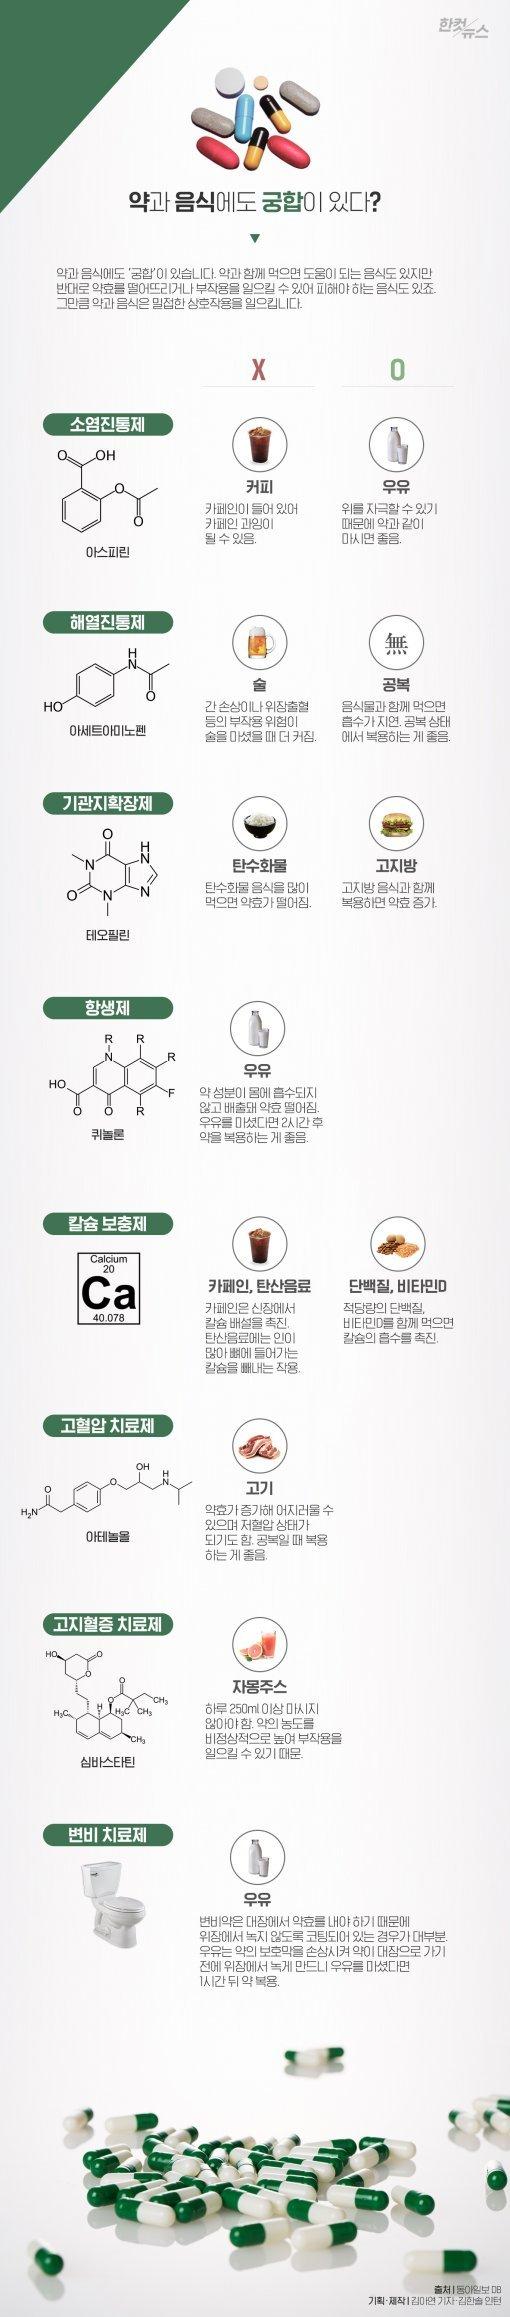 [한컷뉴스] 약과 음식에도 궁합이 있다?